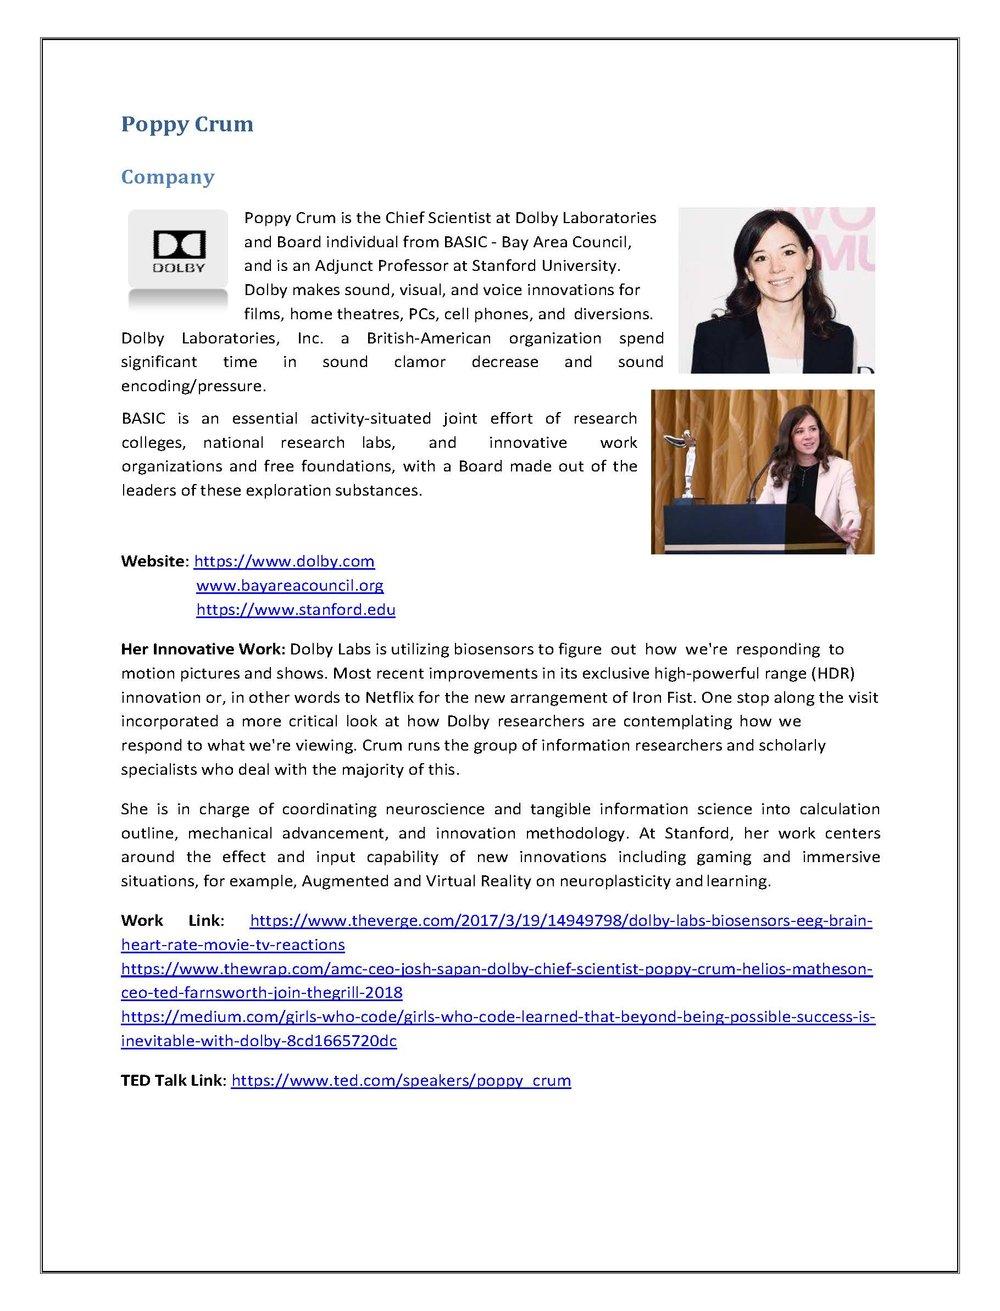 TED Speakers PDF_Page_3.jpg